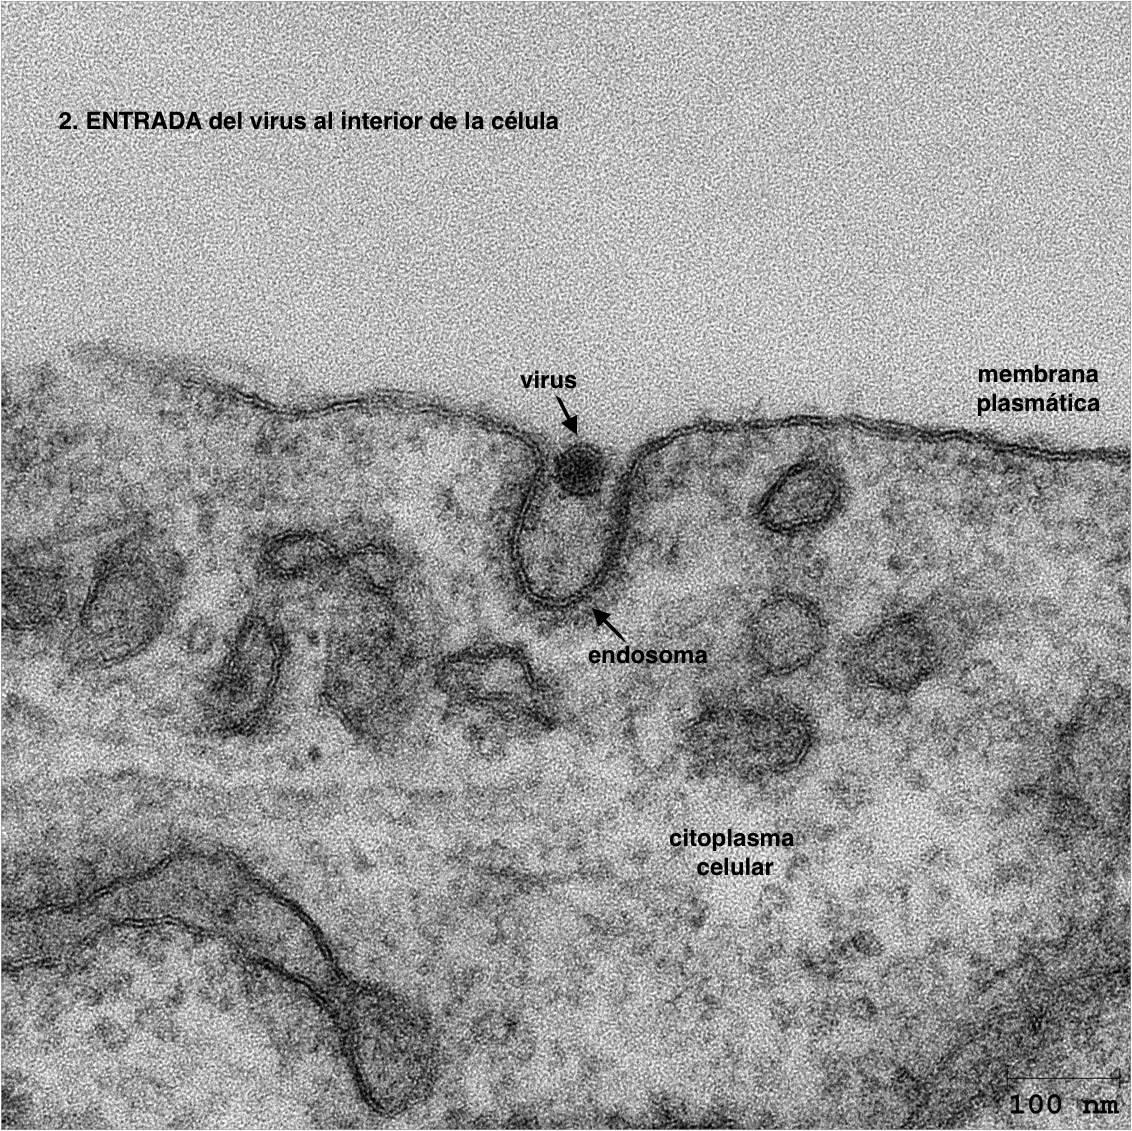 2º Entrada del virus al interior de la célula (foto)  #microMOOC http://t.co/8zkmnkr74z